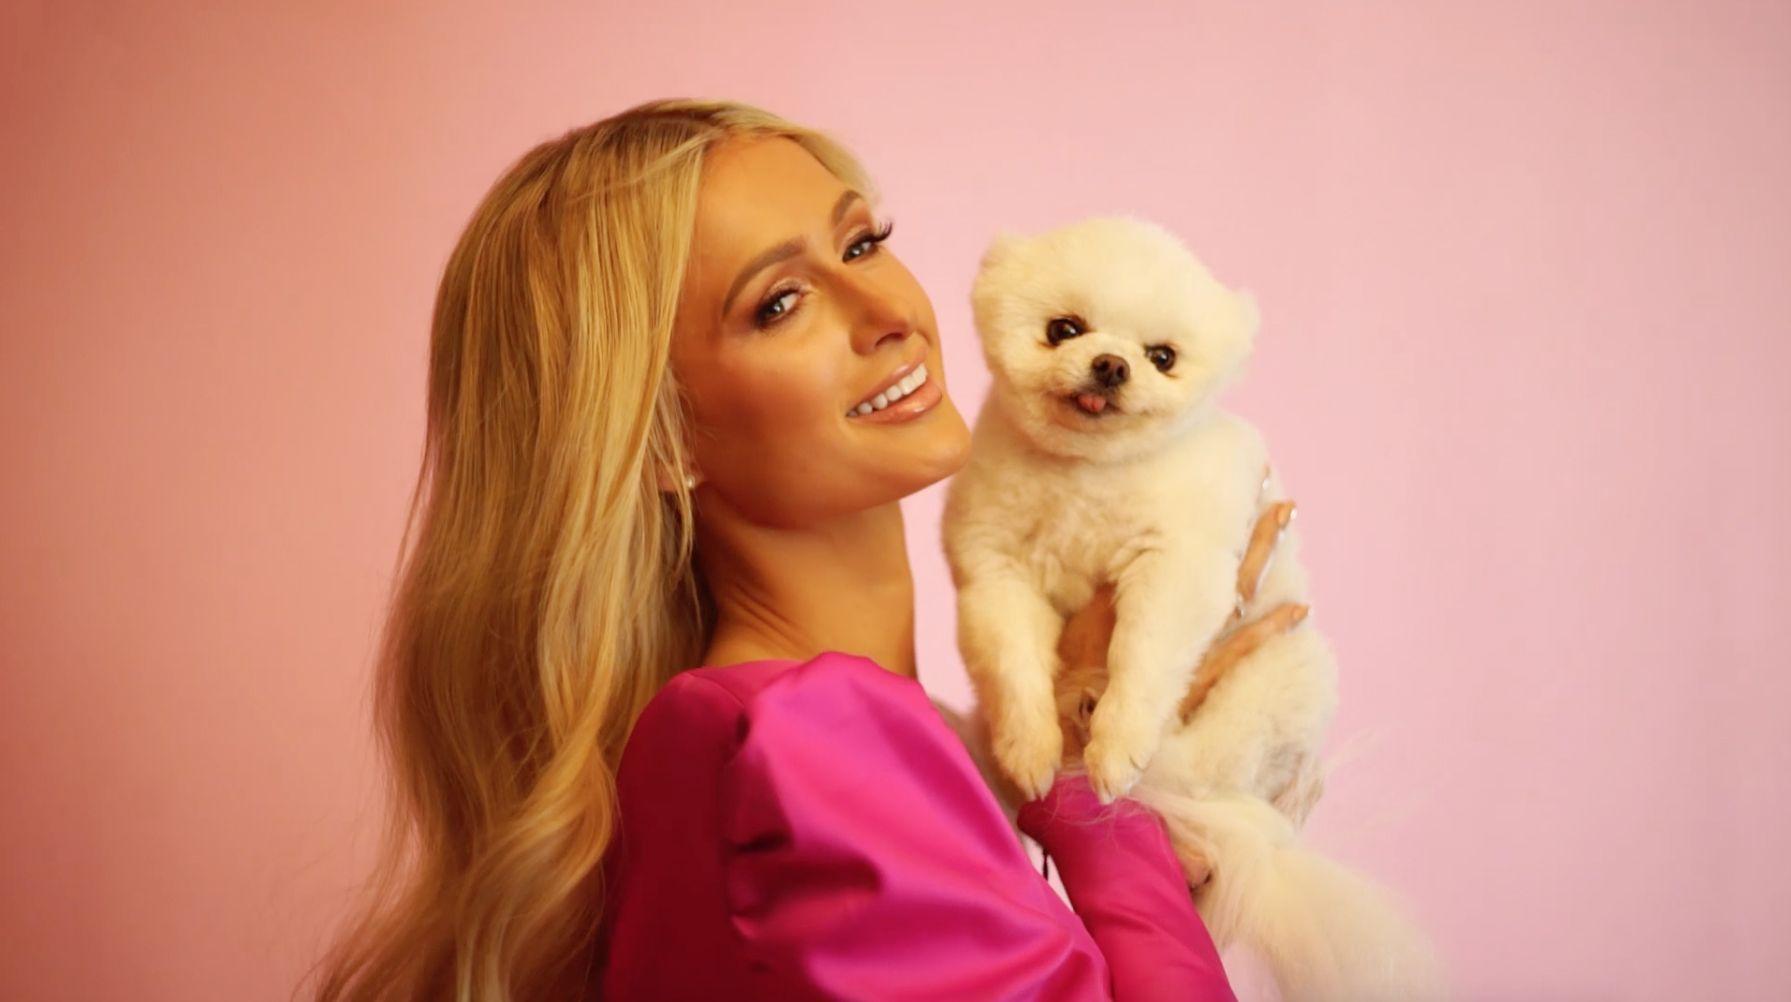 Conoce A Los Bebés De Paris Hilton Sus Perros